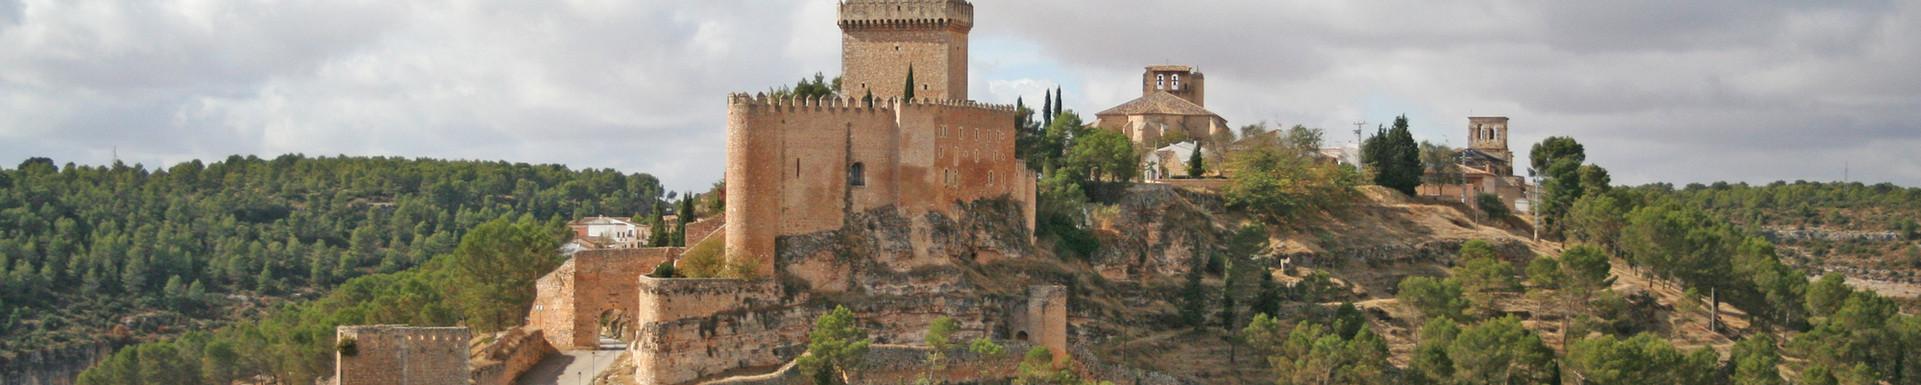 Castle of Alarcon, Spain